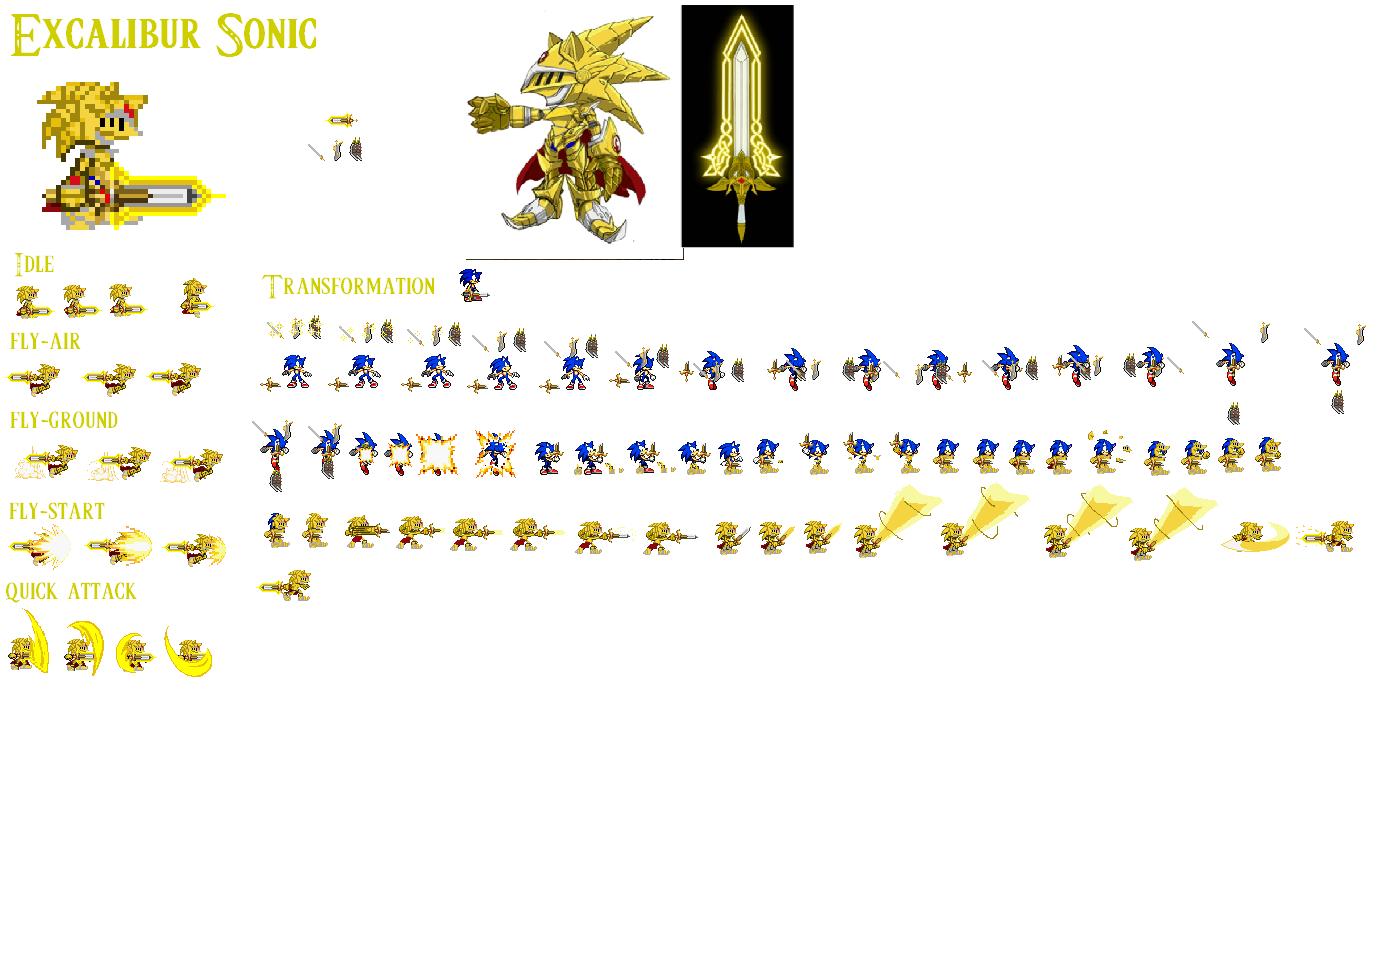 Excalibur Sonic Sprites by mephilesthedark123